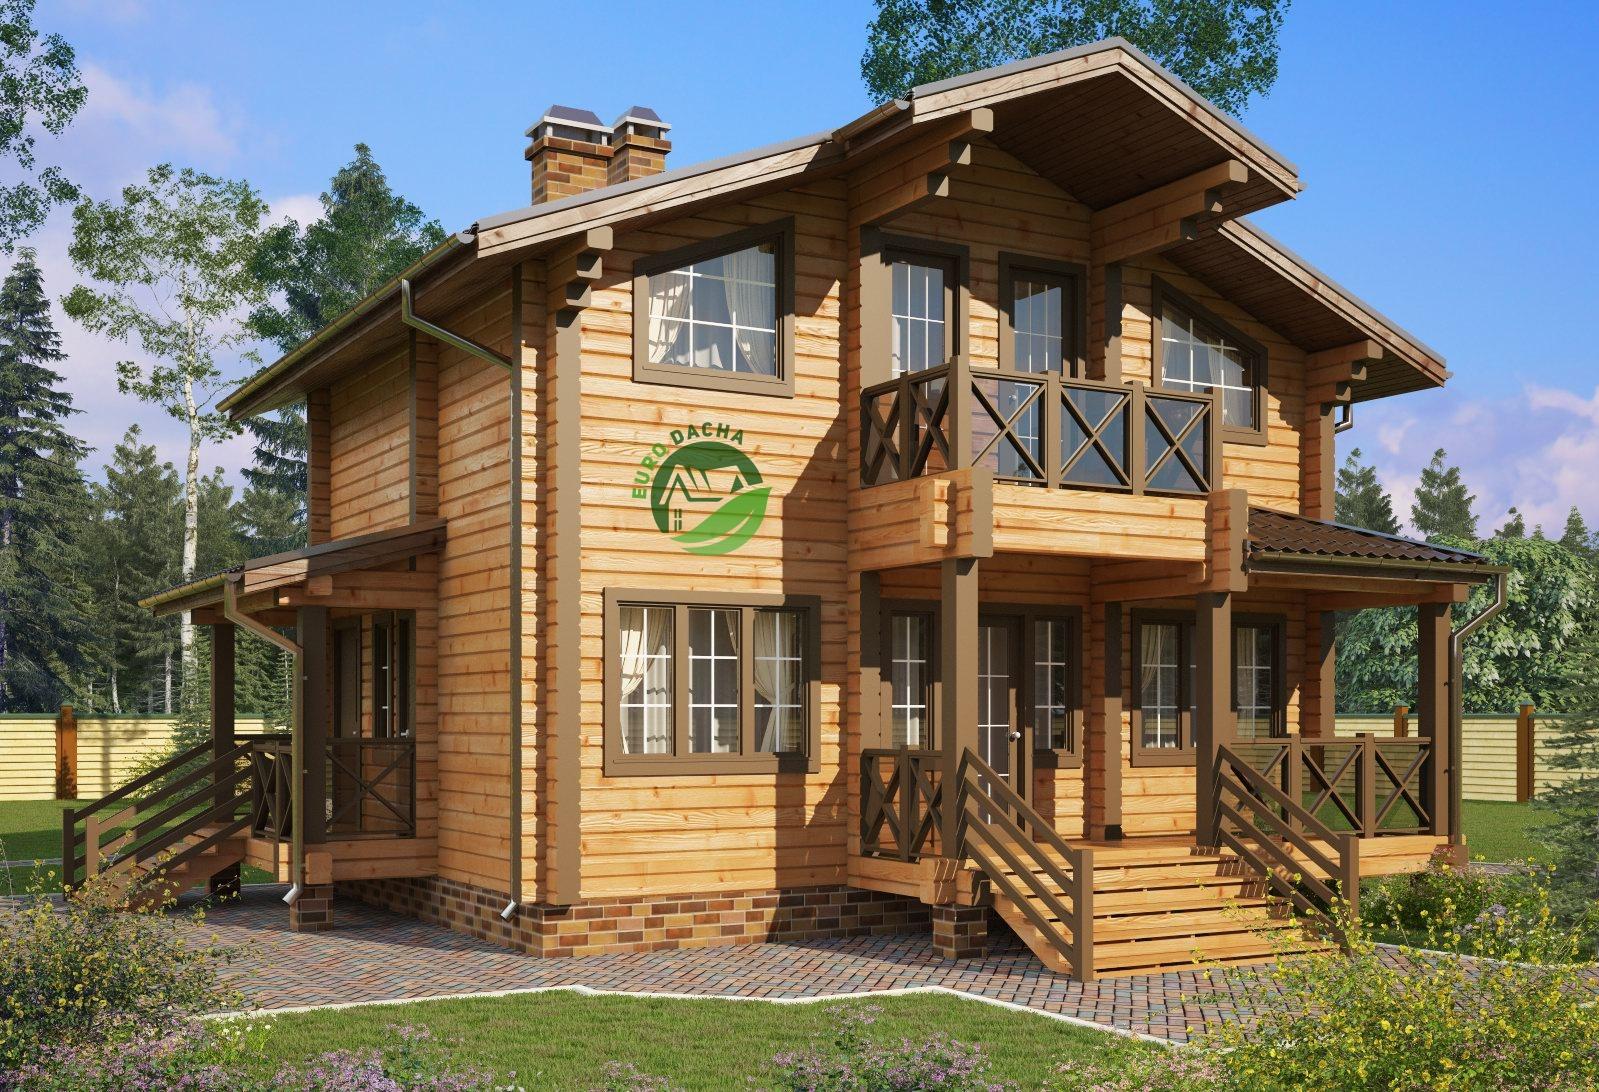 какого дом из бруса по доступной цене акушер